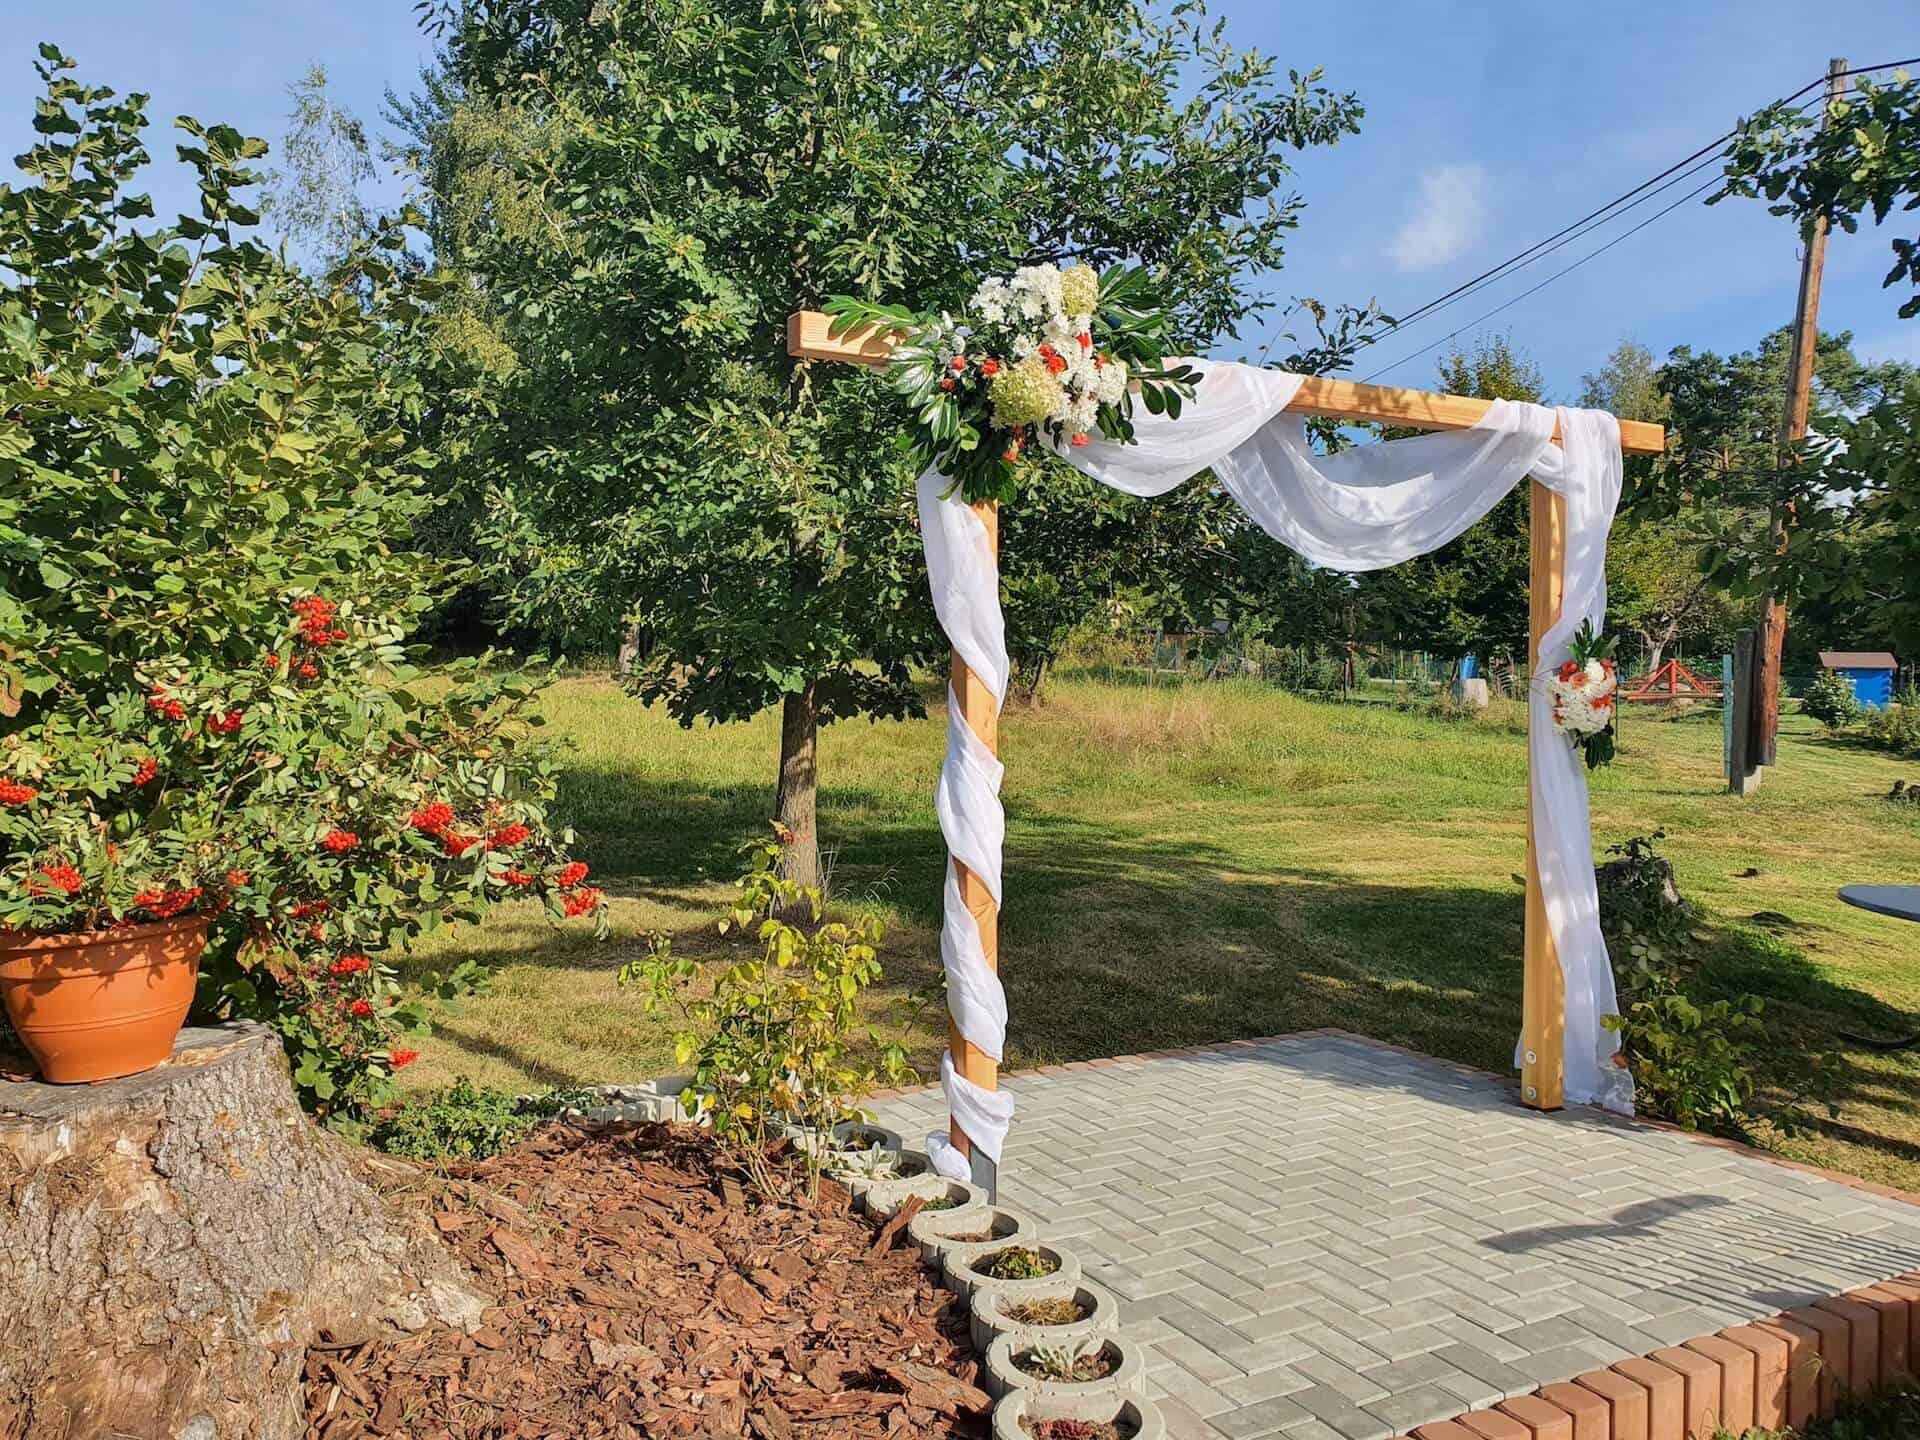 Penzion Slunečno - svatební slavobrána